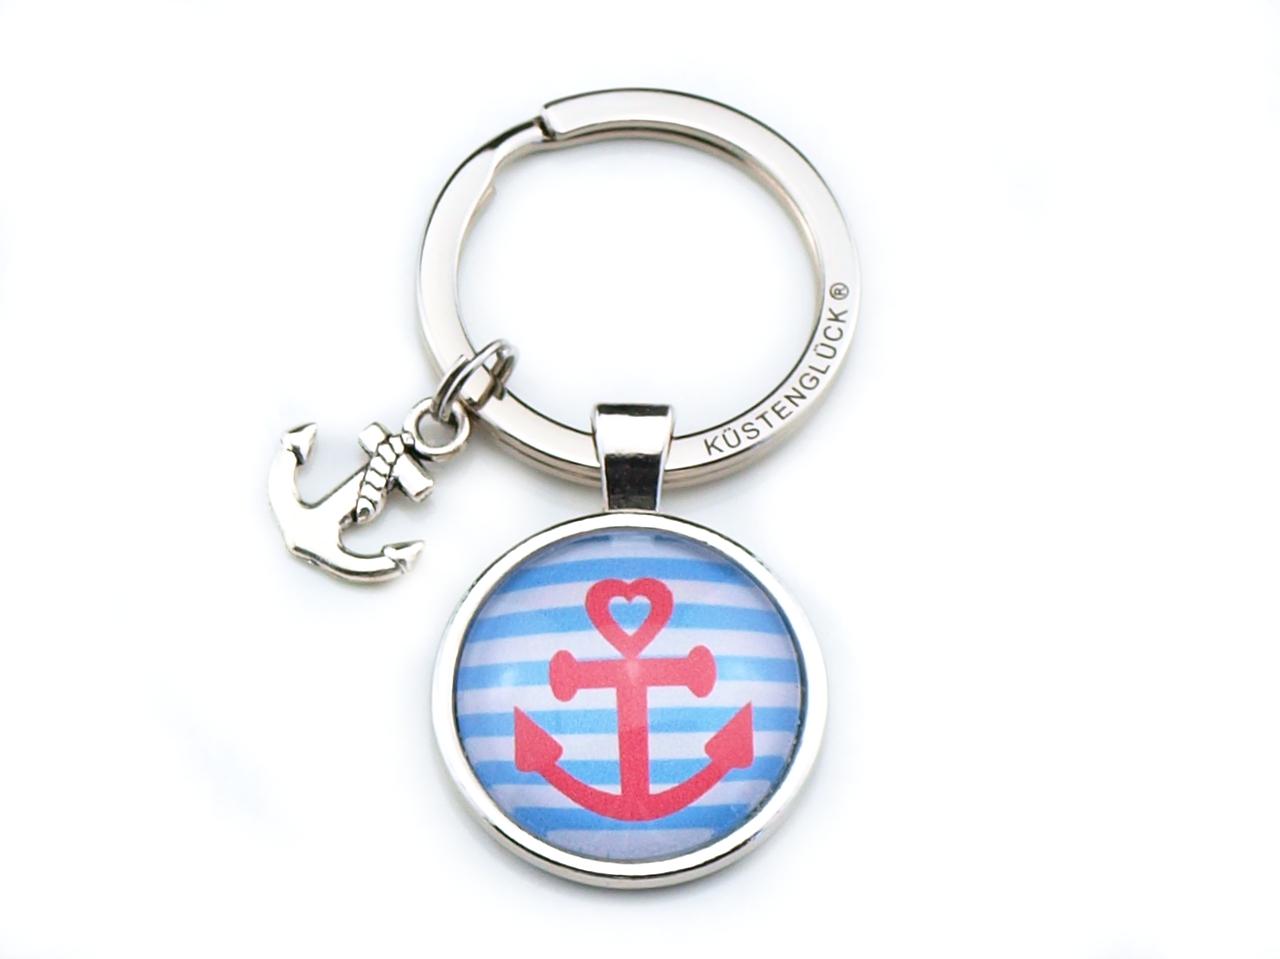 Schlüsselanhänger Anker rosa, blau, Küstenglück